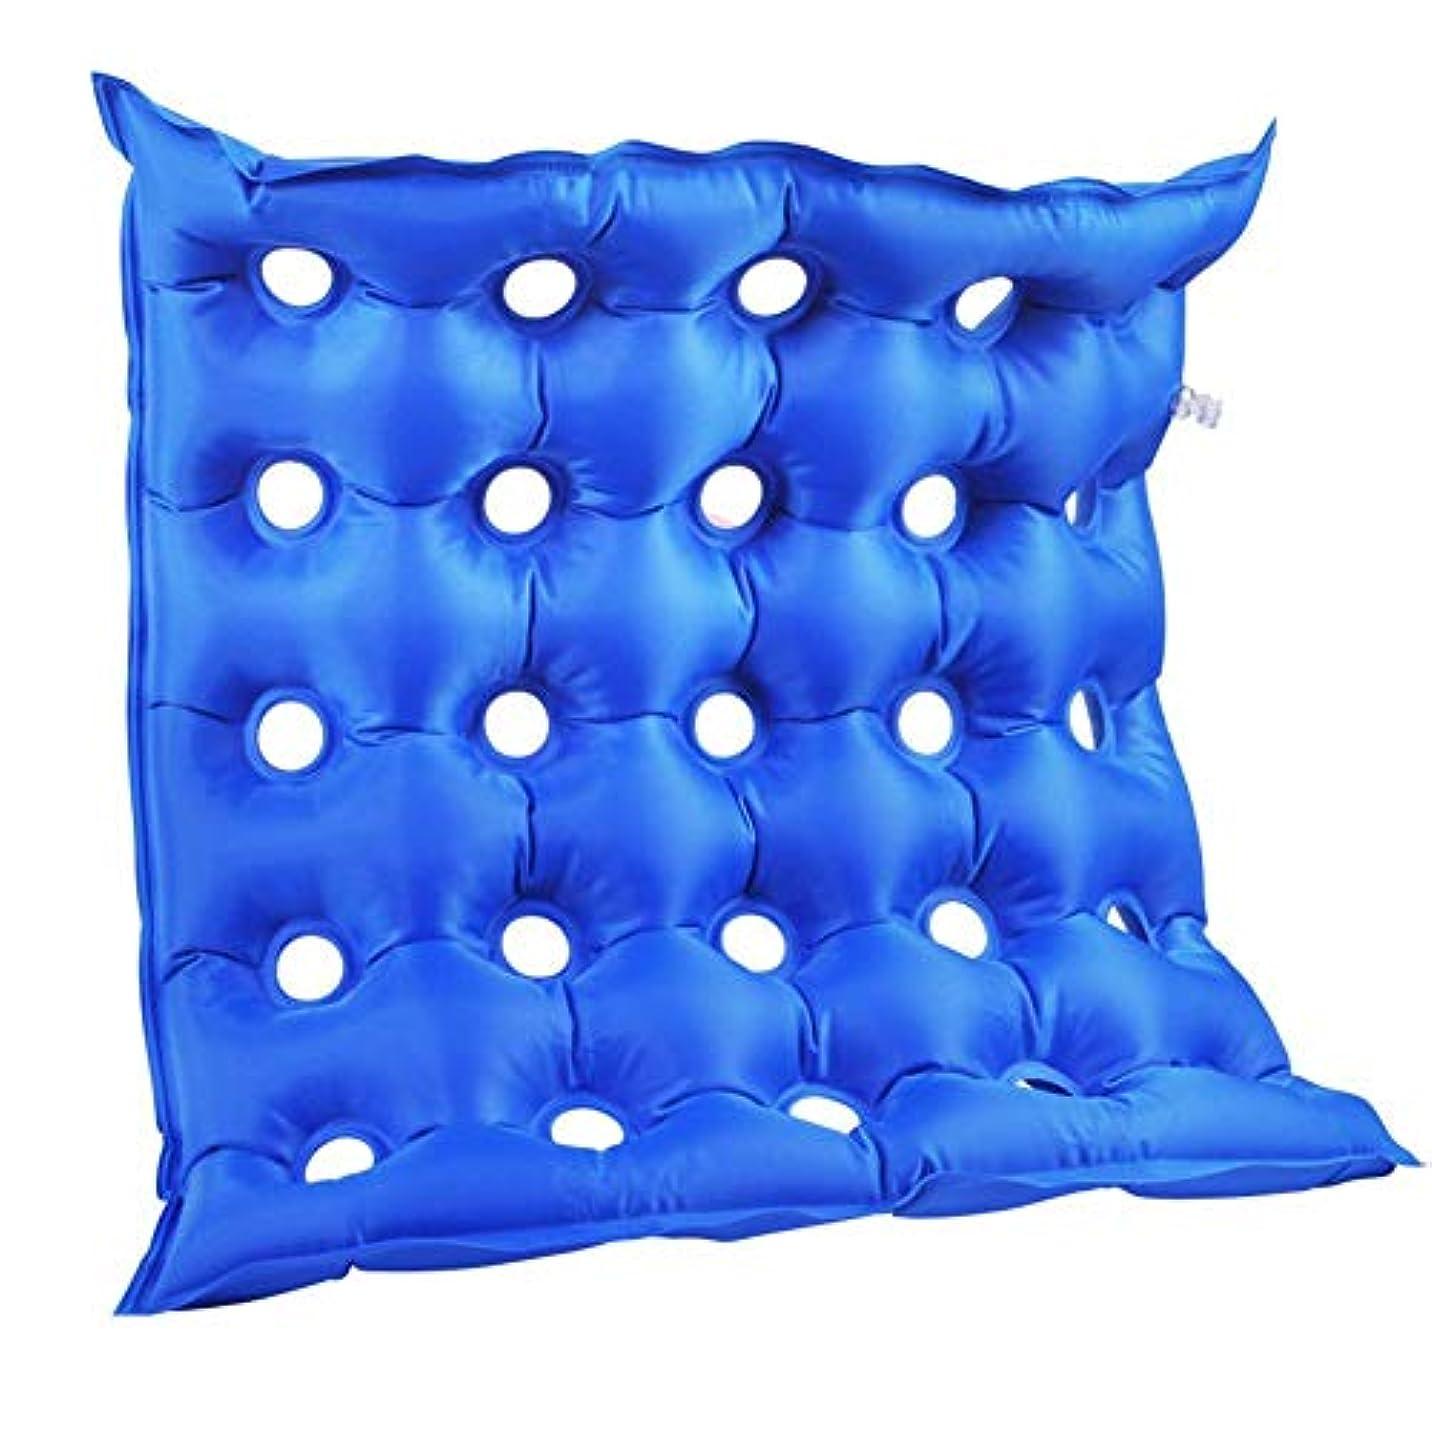 豊富刈る矢印エアークッション インフレータブルクッション 車椅子クッション PVC製 快適 通気 軽量 コンパクト 多機能 介護用 床ずれ防止 46x46cm hjuns-Wu